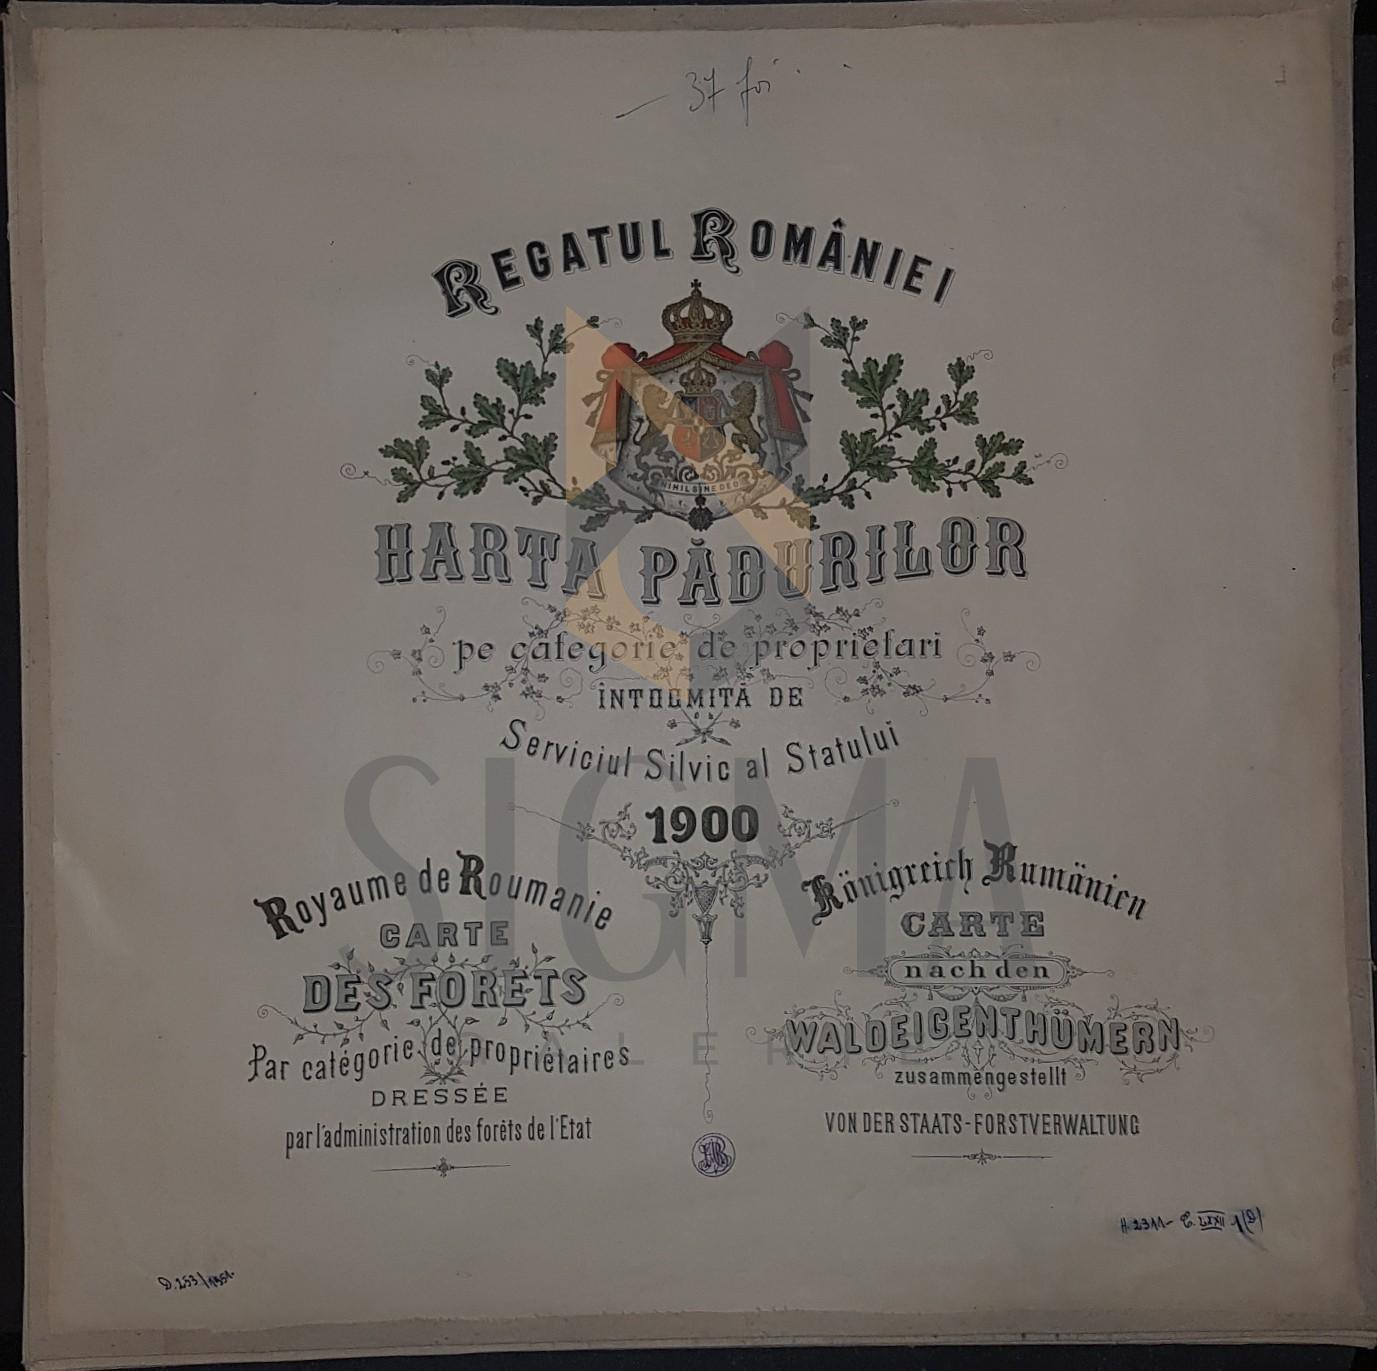 REGATUL ROMANIEI (Serviciul Silvic al Statului)